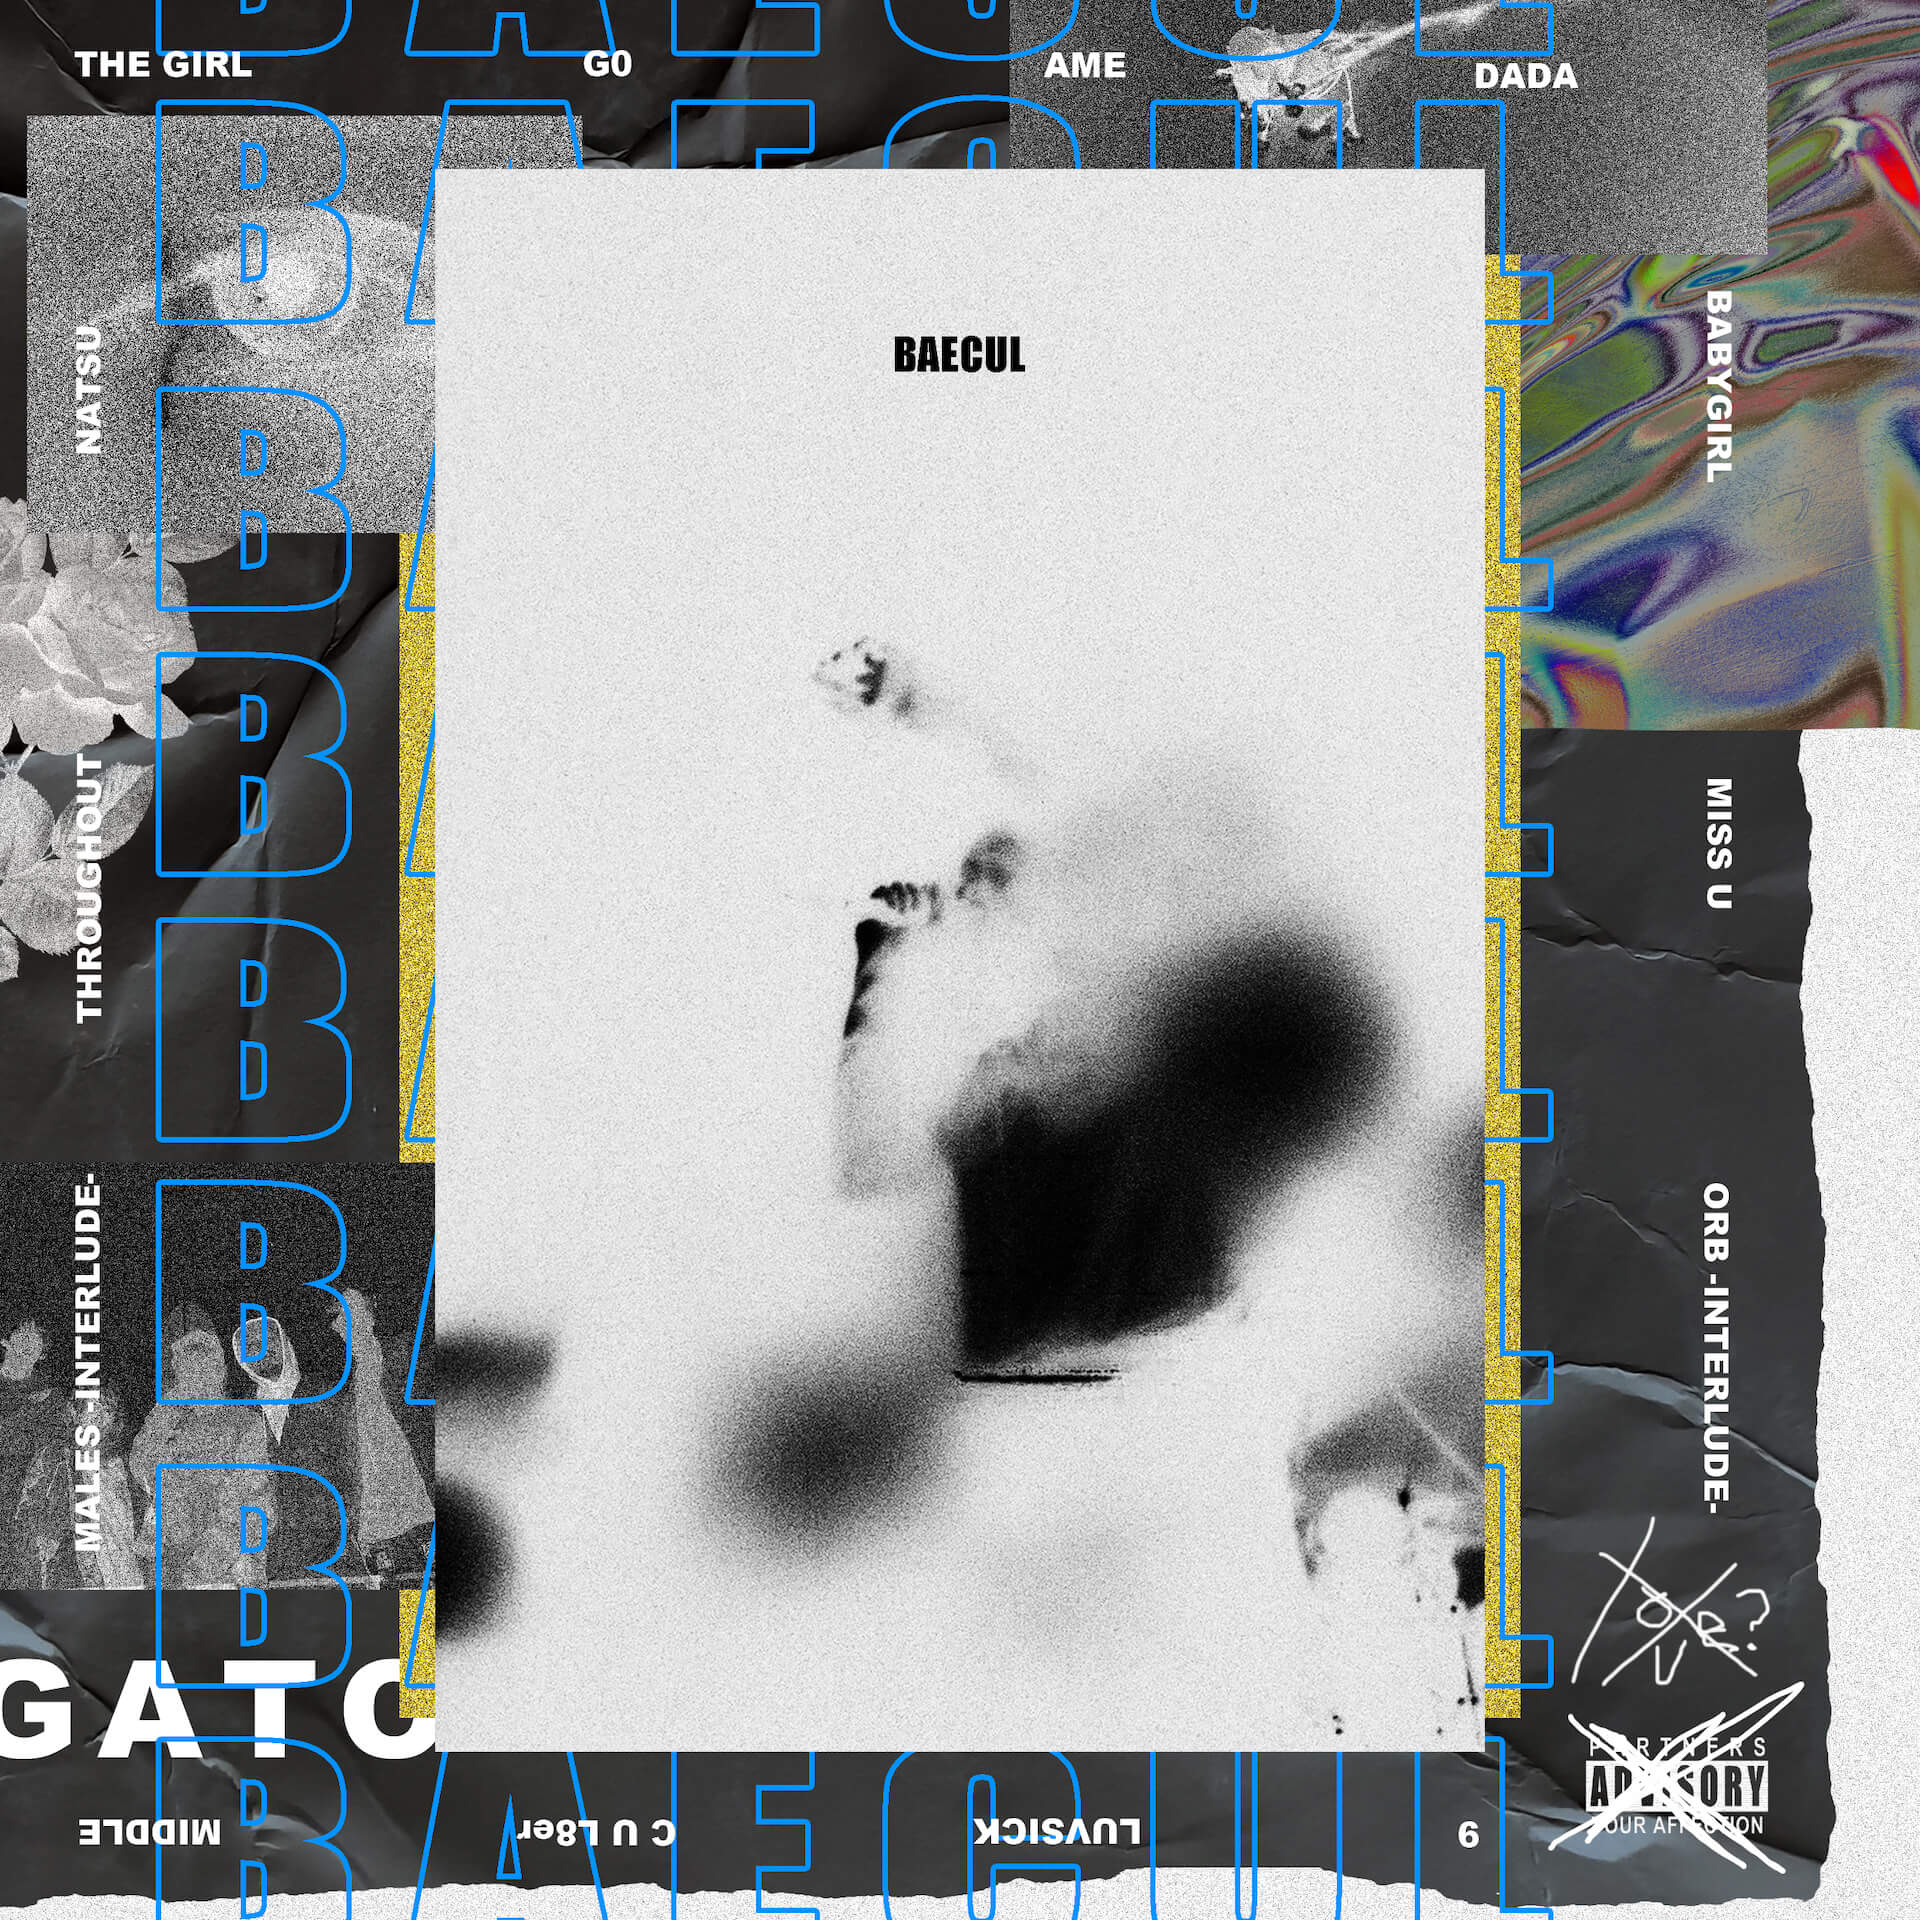 gatoの1stアルバムより人気曲のリミックスアルバムのリリースが決定!ケンモチヒデフミ、80KIDZなど多数参加 music210507_gato-210507_2